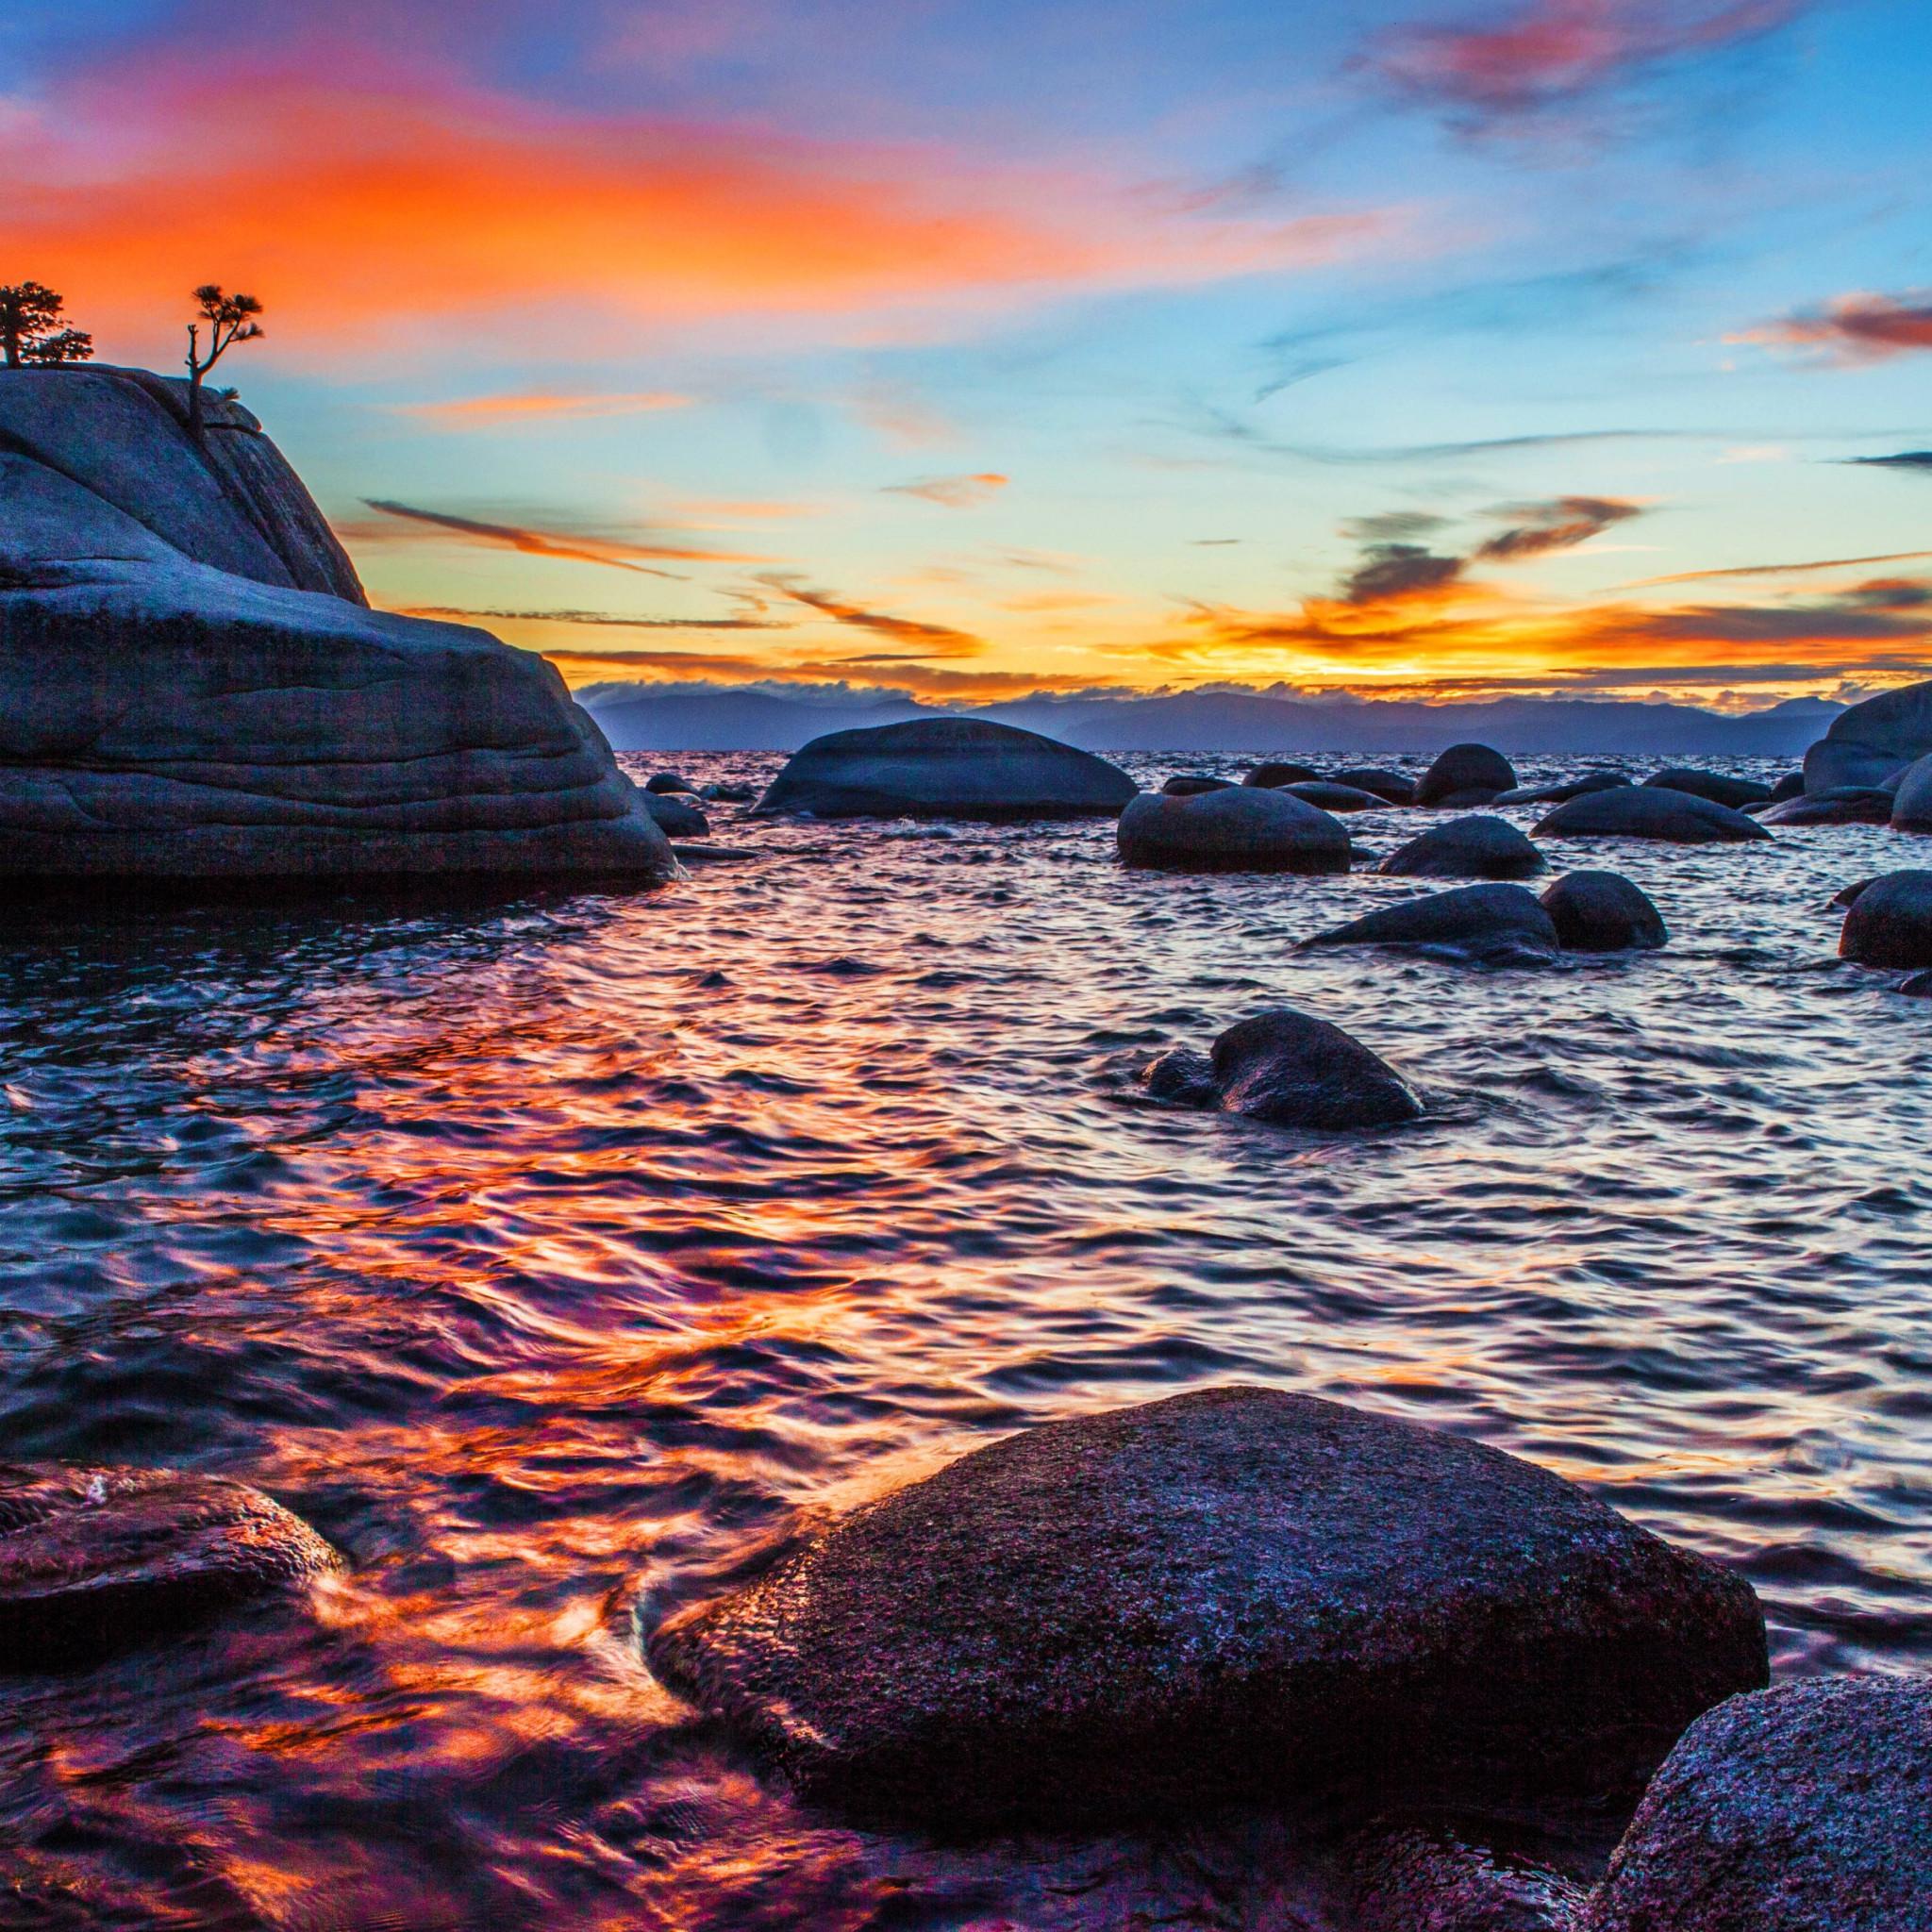 Download Wallpaper Bonsai Rock Sunset At Lake Tahoe 2048x2048